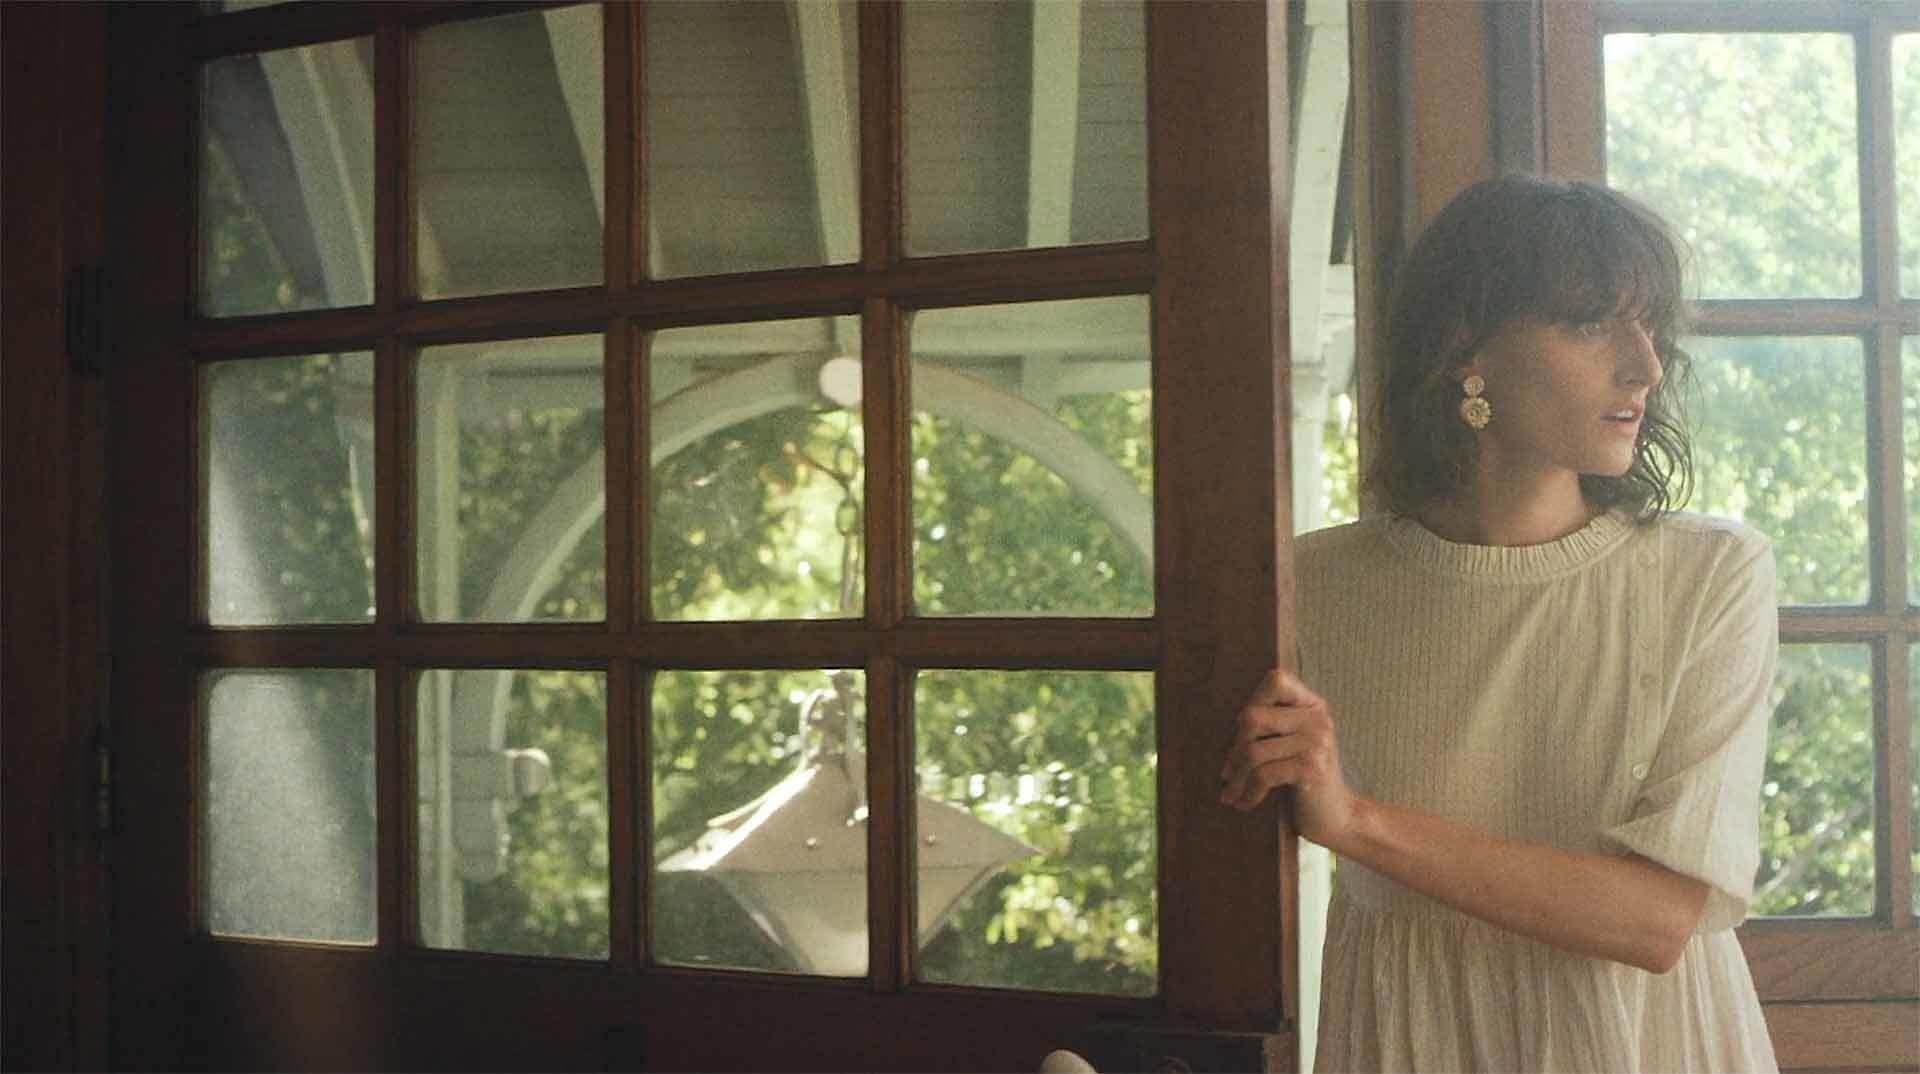 Louise damas - Maison d'enfance1